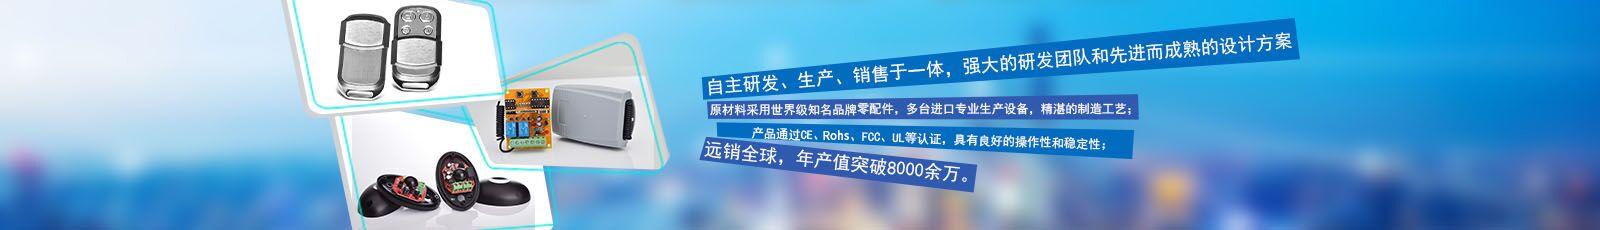 十余年lai星际dian玩城已成功为国na外100duo家高xin技术企业提供产品